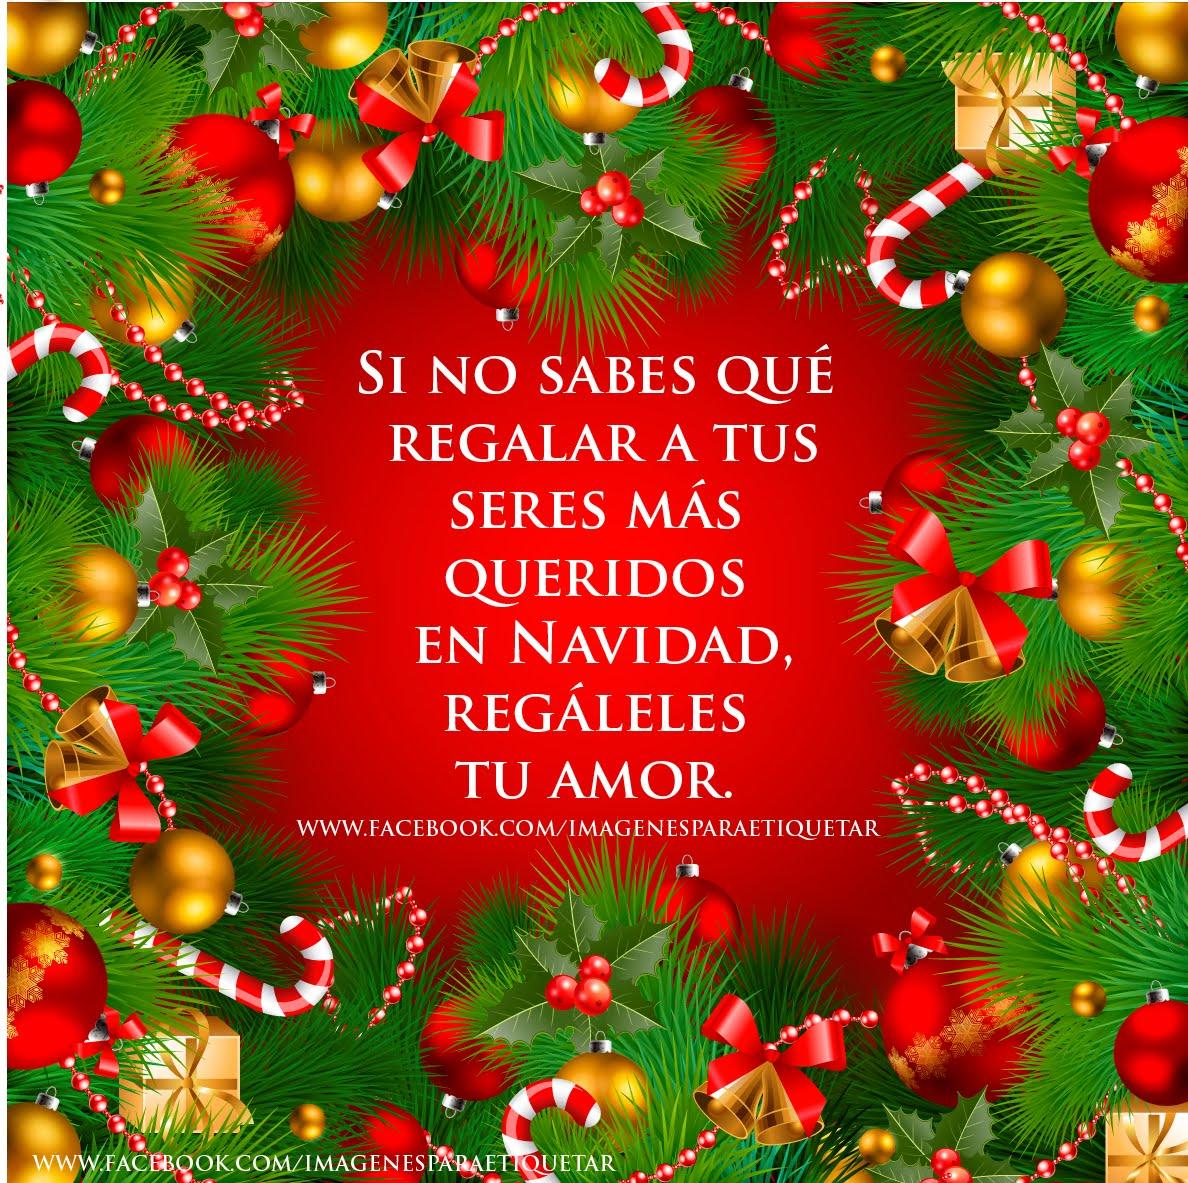 Imagenes con frases navide as para compartir en facebook - Las mejores felicitaciones navidenas ...